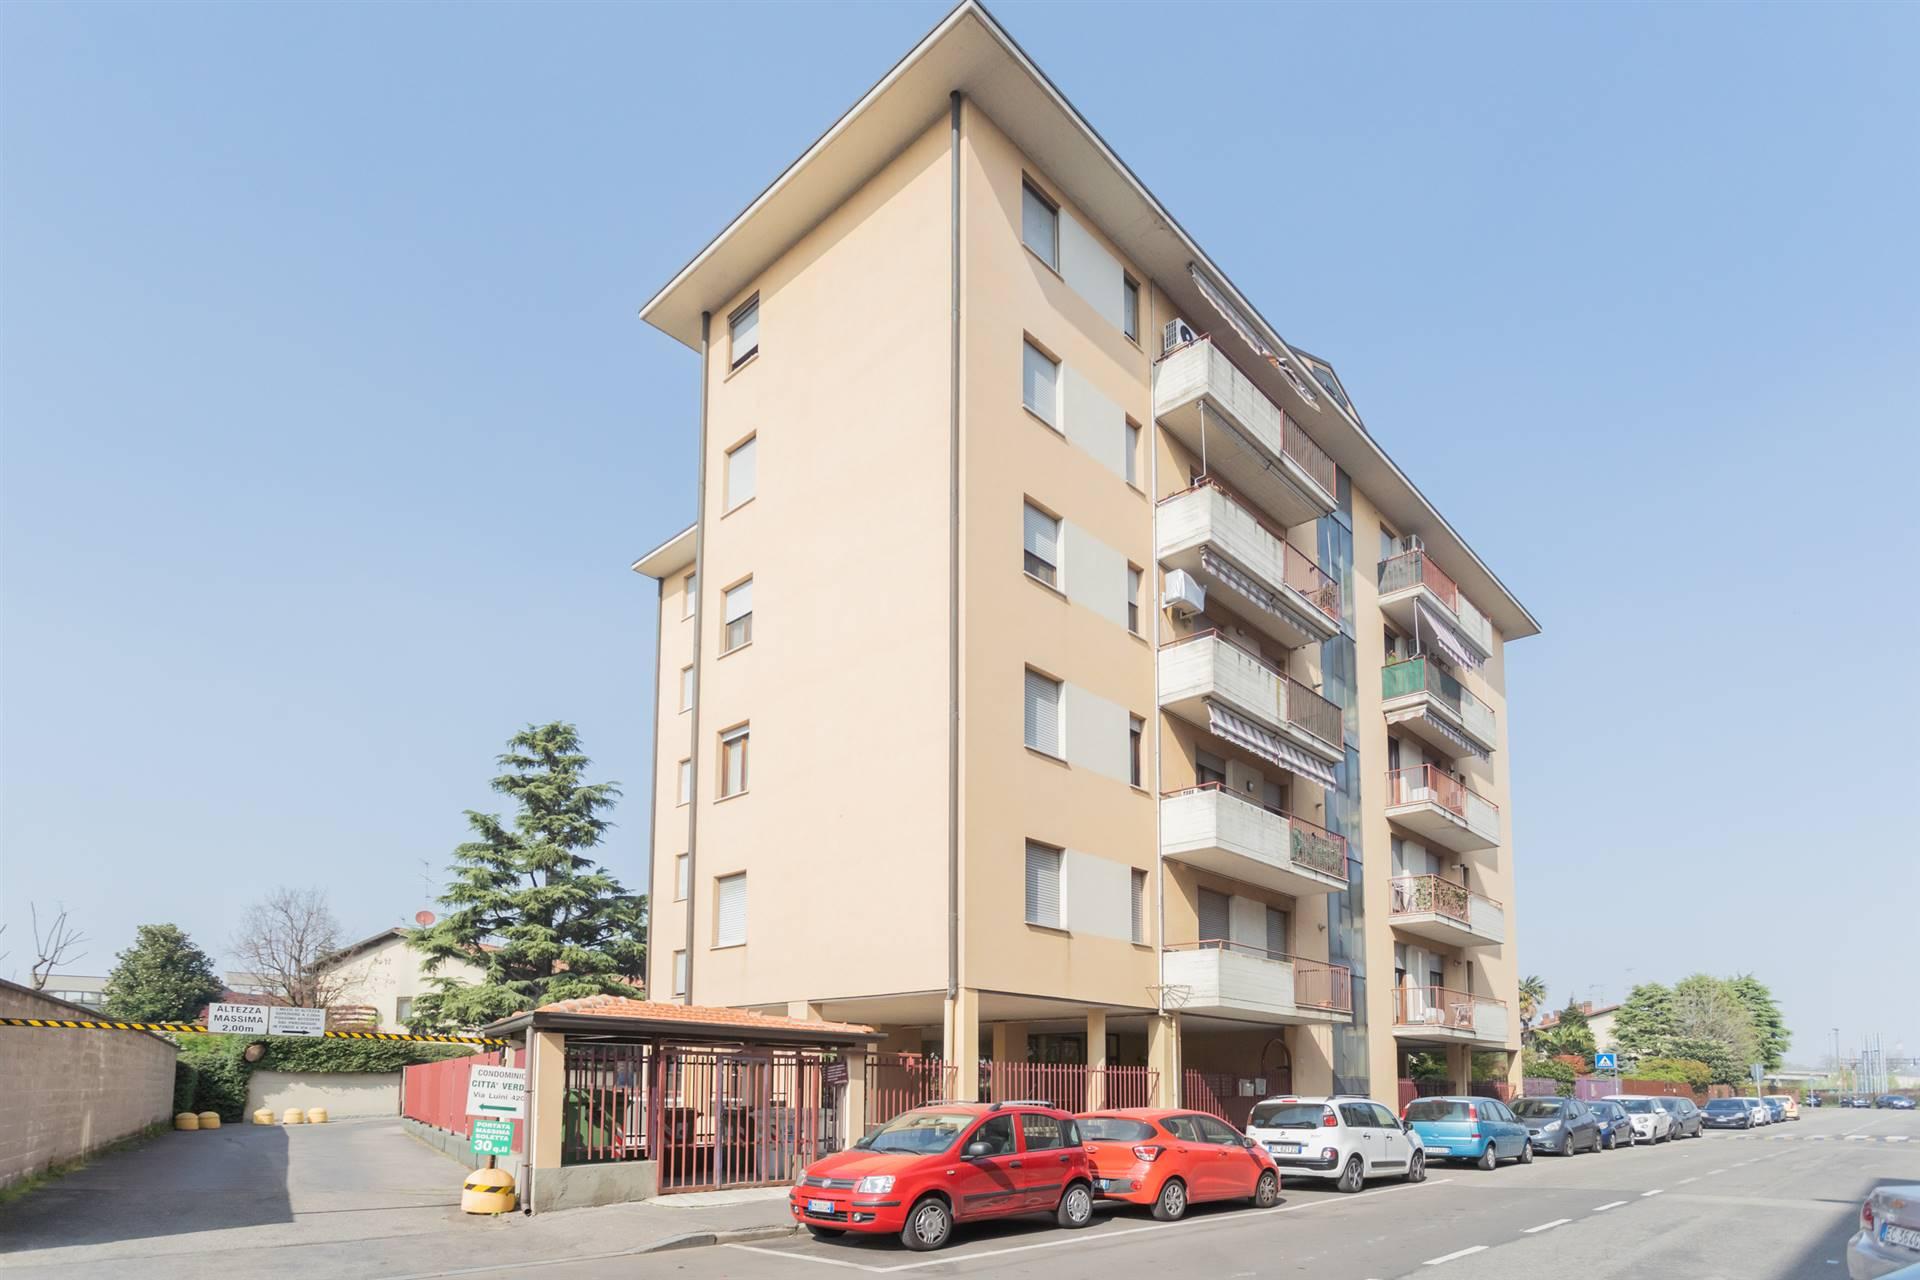 Appartamento in vendita a Sesto San Giovanni, 3 locali, prezzo € 180.000 | PortaleAgenzieImmobiliari.it